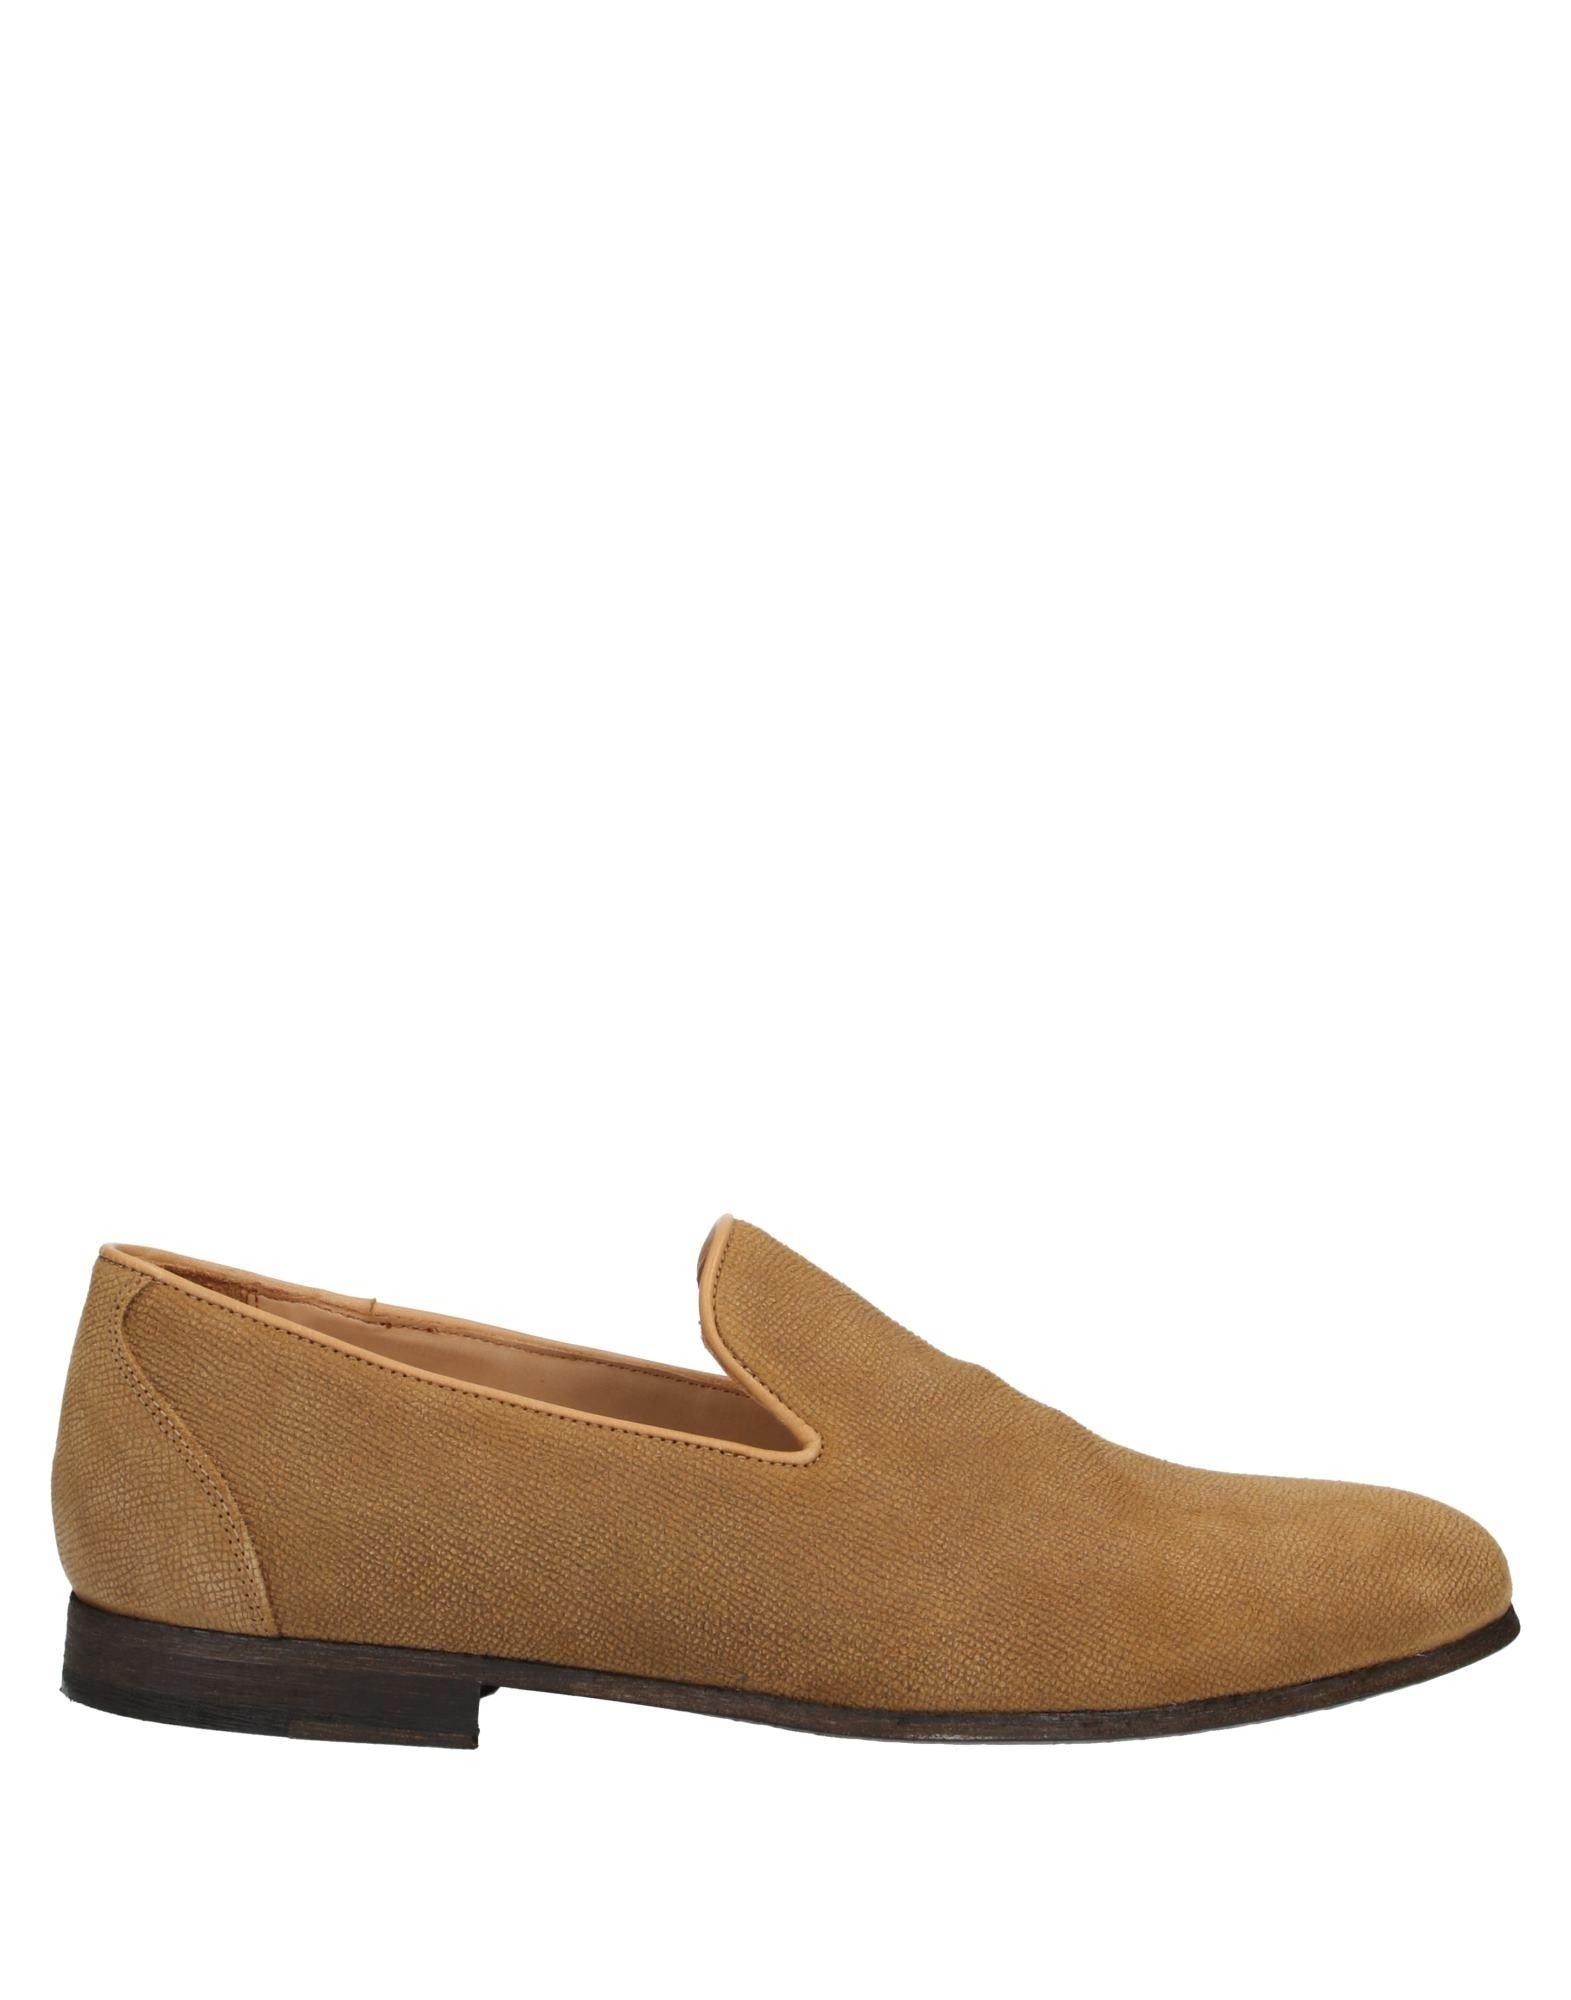 зимняя обувь для активного отдыха женская